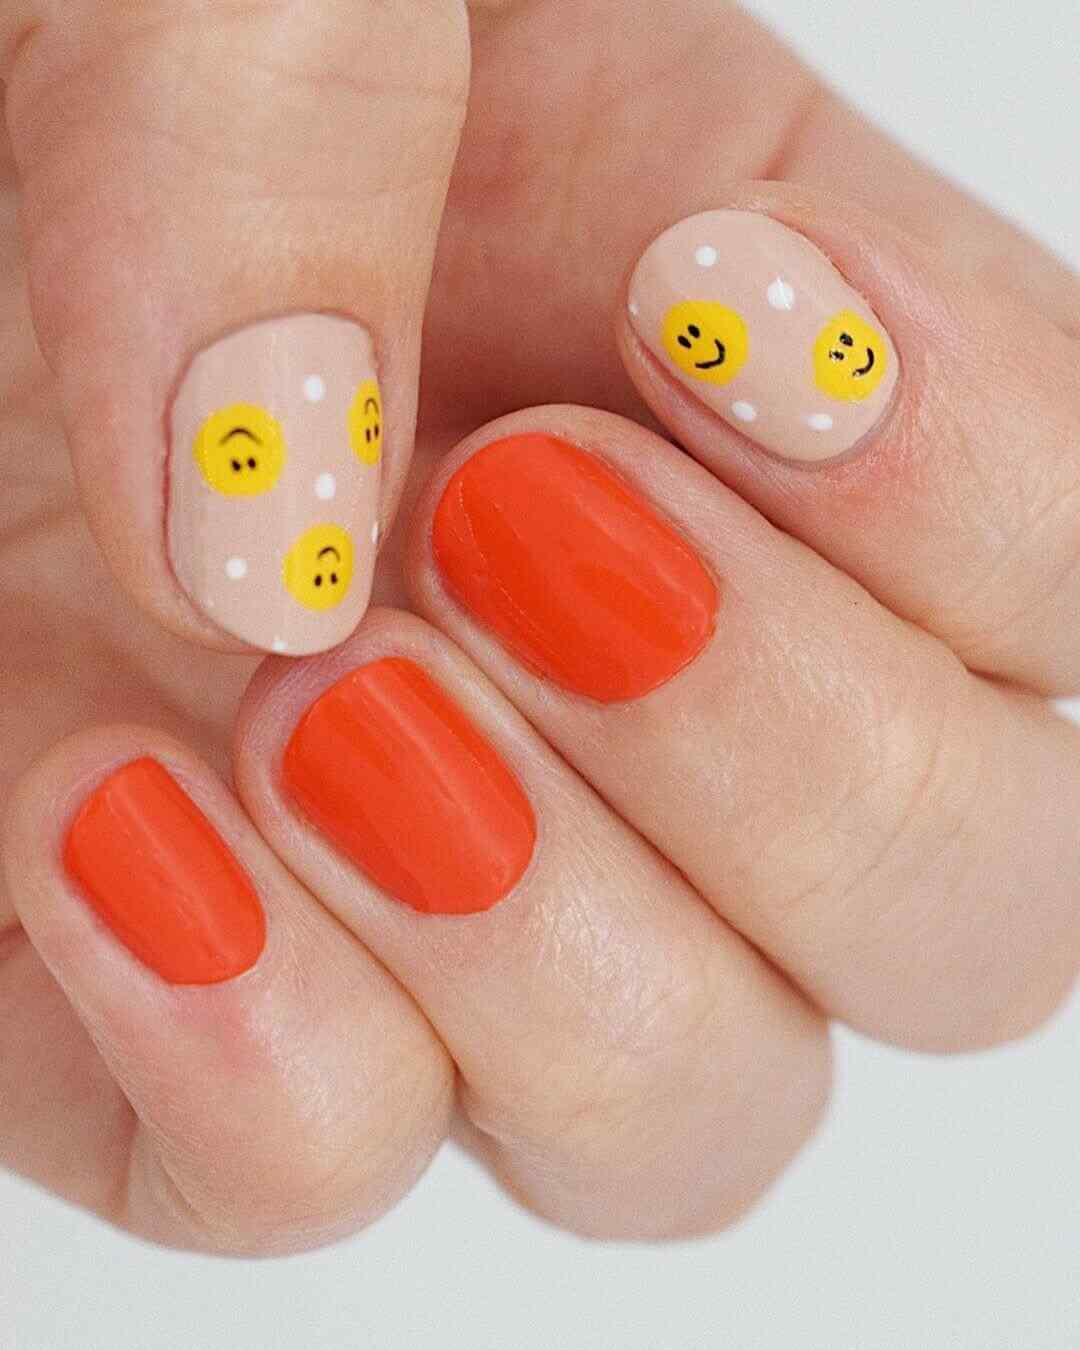 uñas decoradas con emojis